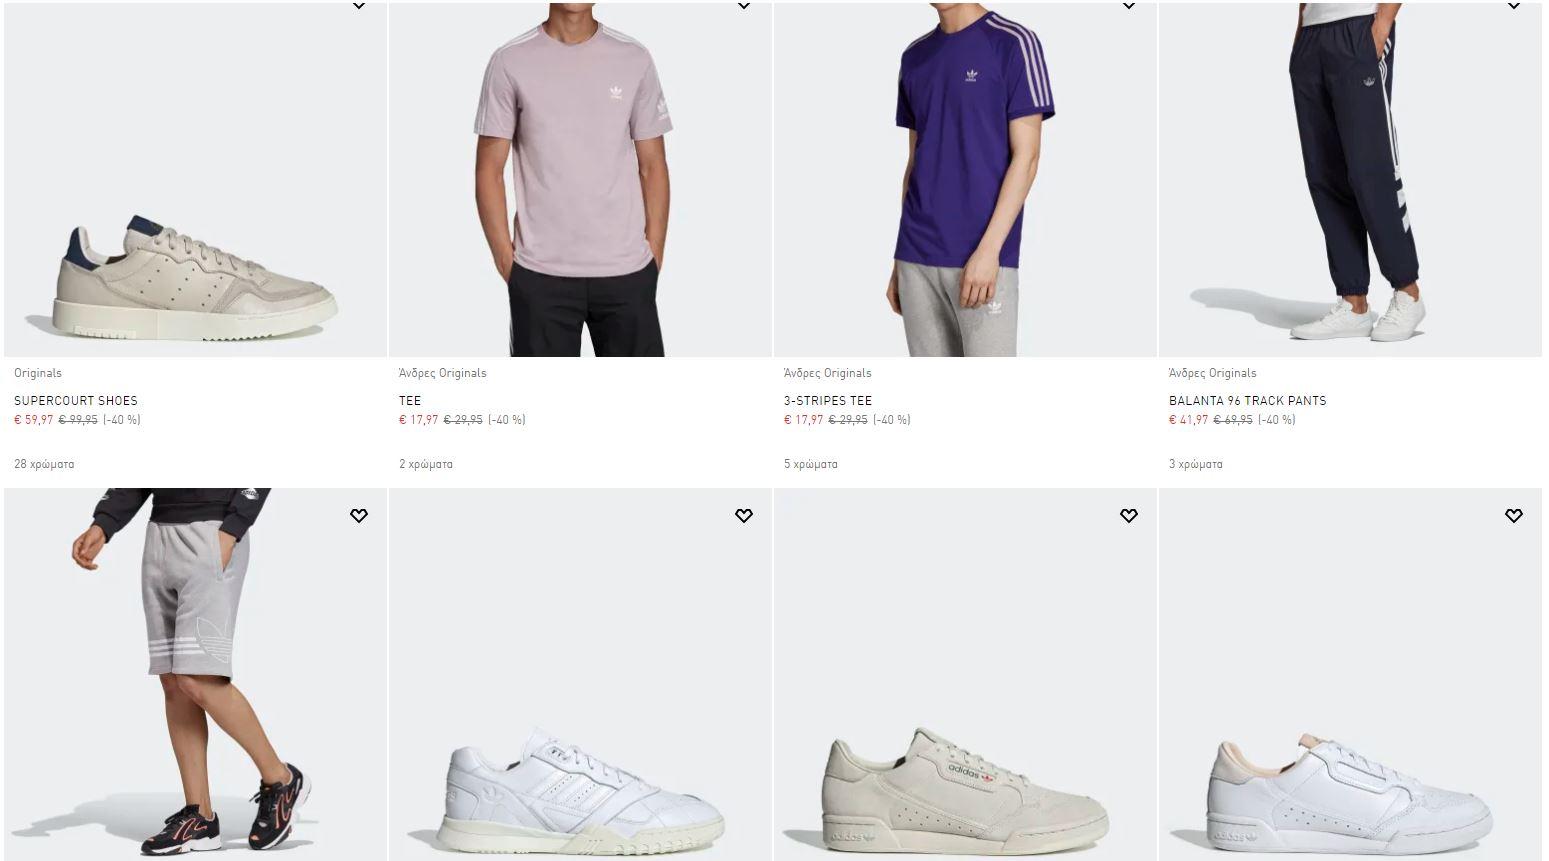 adidas-εκπτωσεισ-ρουχα-παπουτσια-adidas